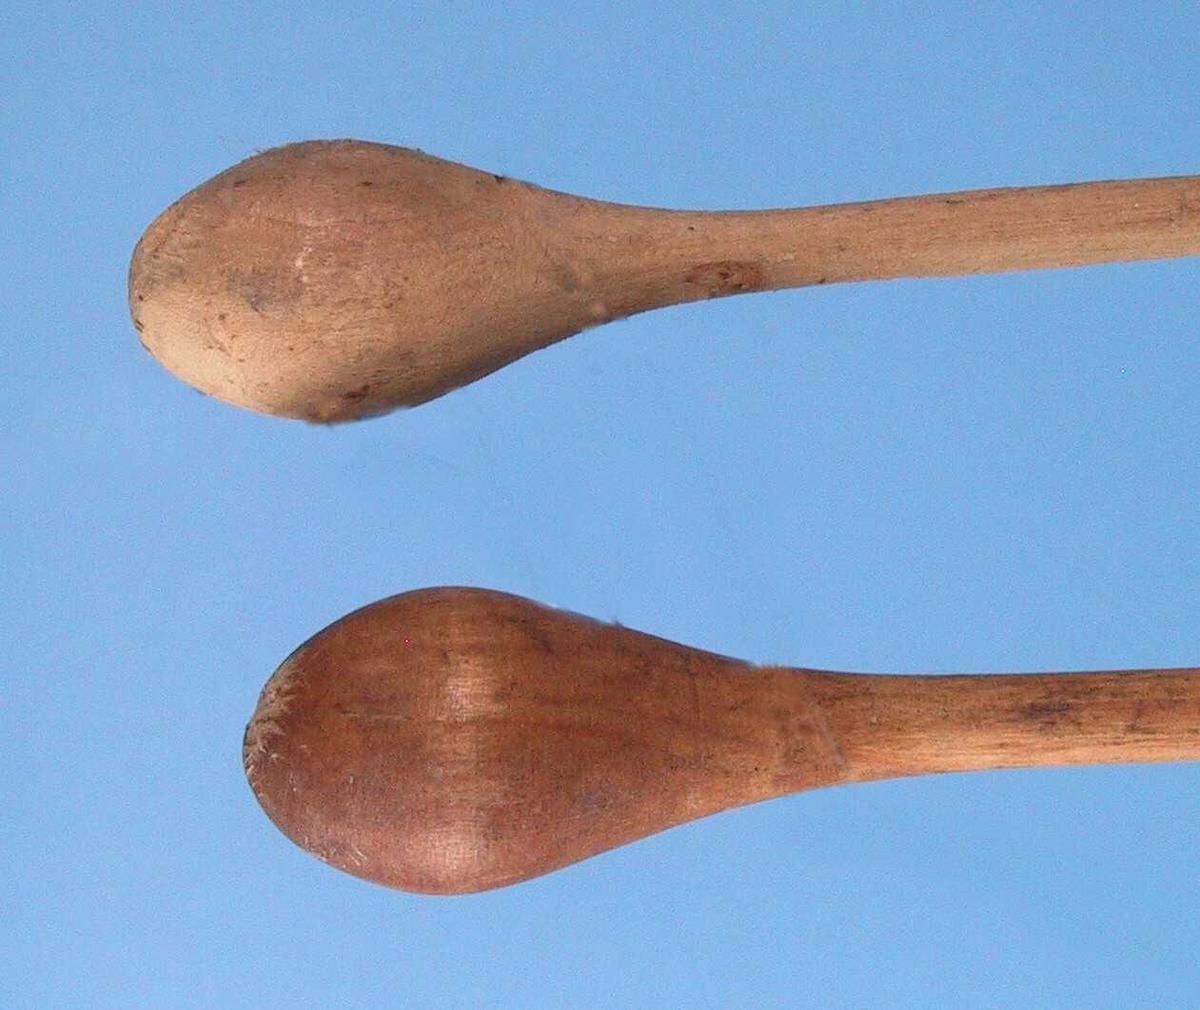 Spikket (kanskje den ene er dreid på en eller annen måte ?), den ene er fin og jevn, den andre er grovere spikket og av et annet treslag (lysere). Form: Jevntykke, spiss i ene enden, en oval kule i den andre. En av pinnene er brukket.